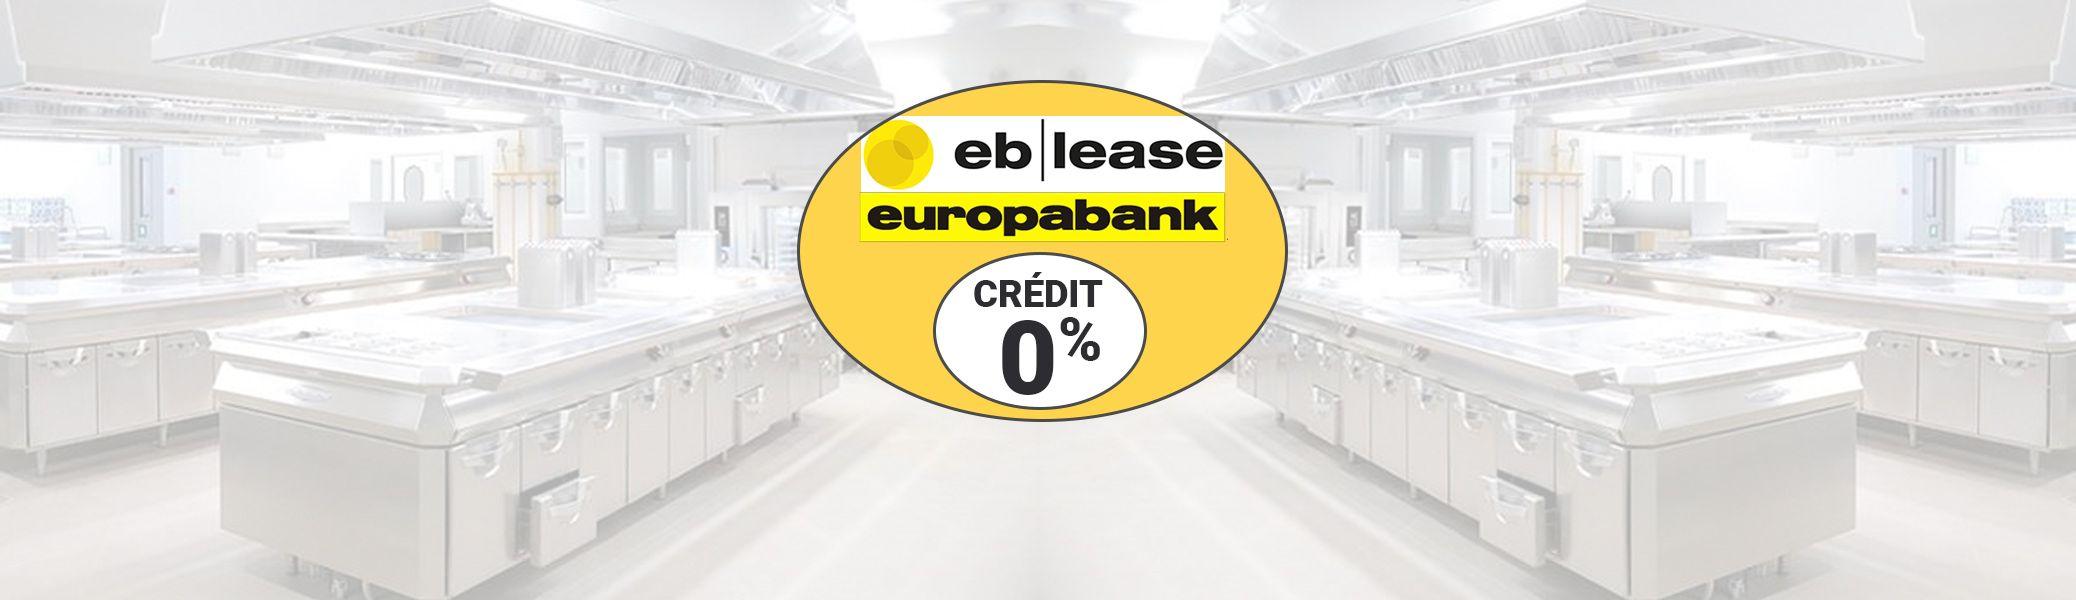 EB-LEASE